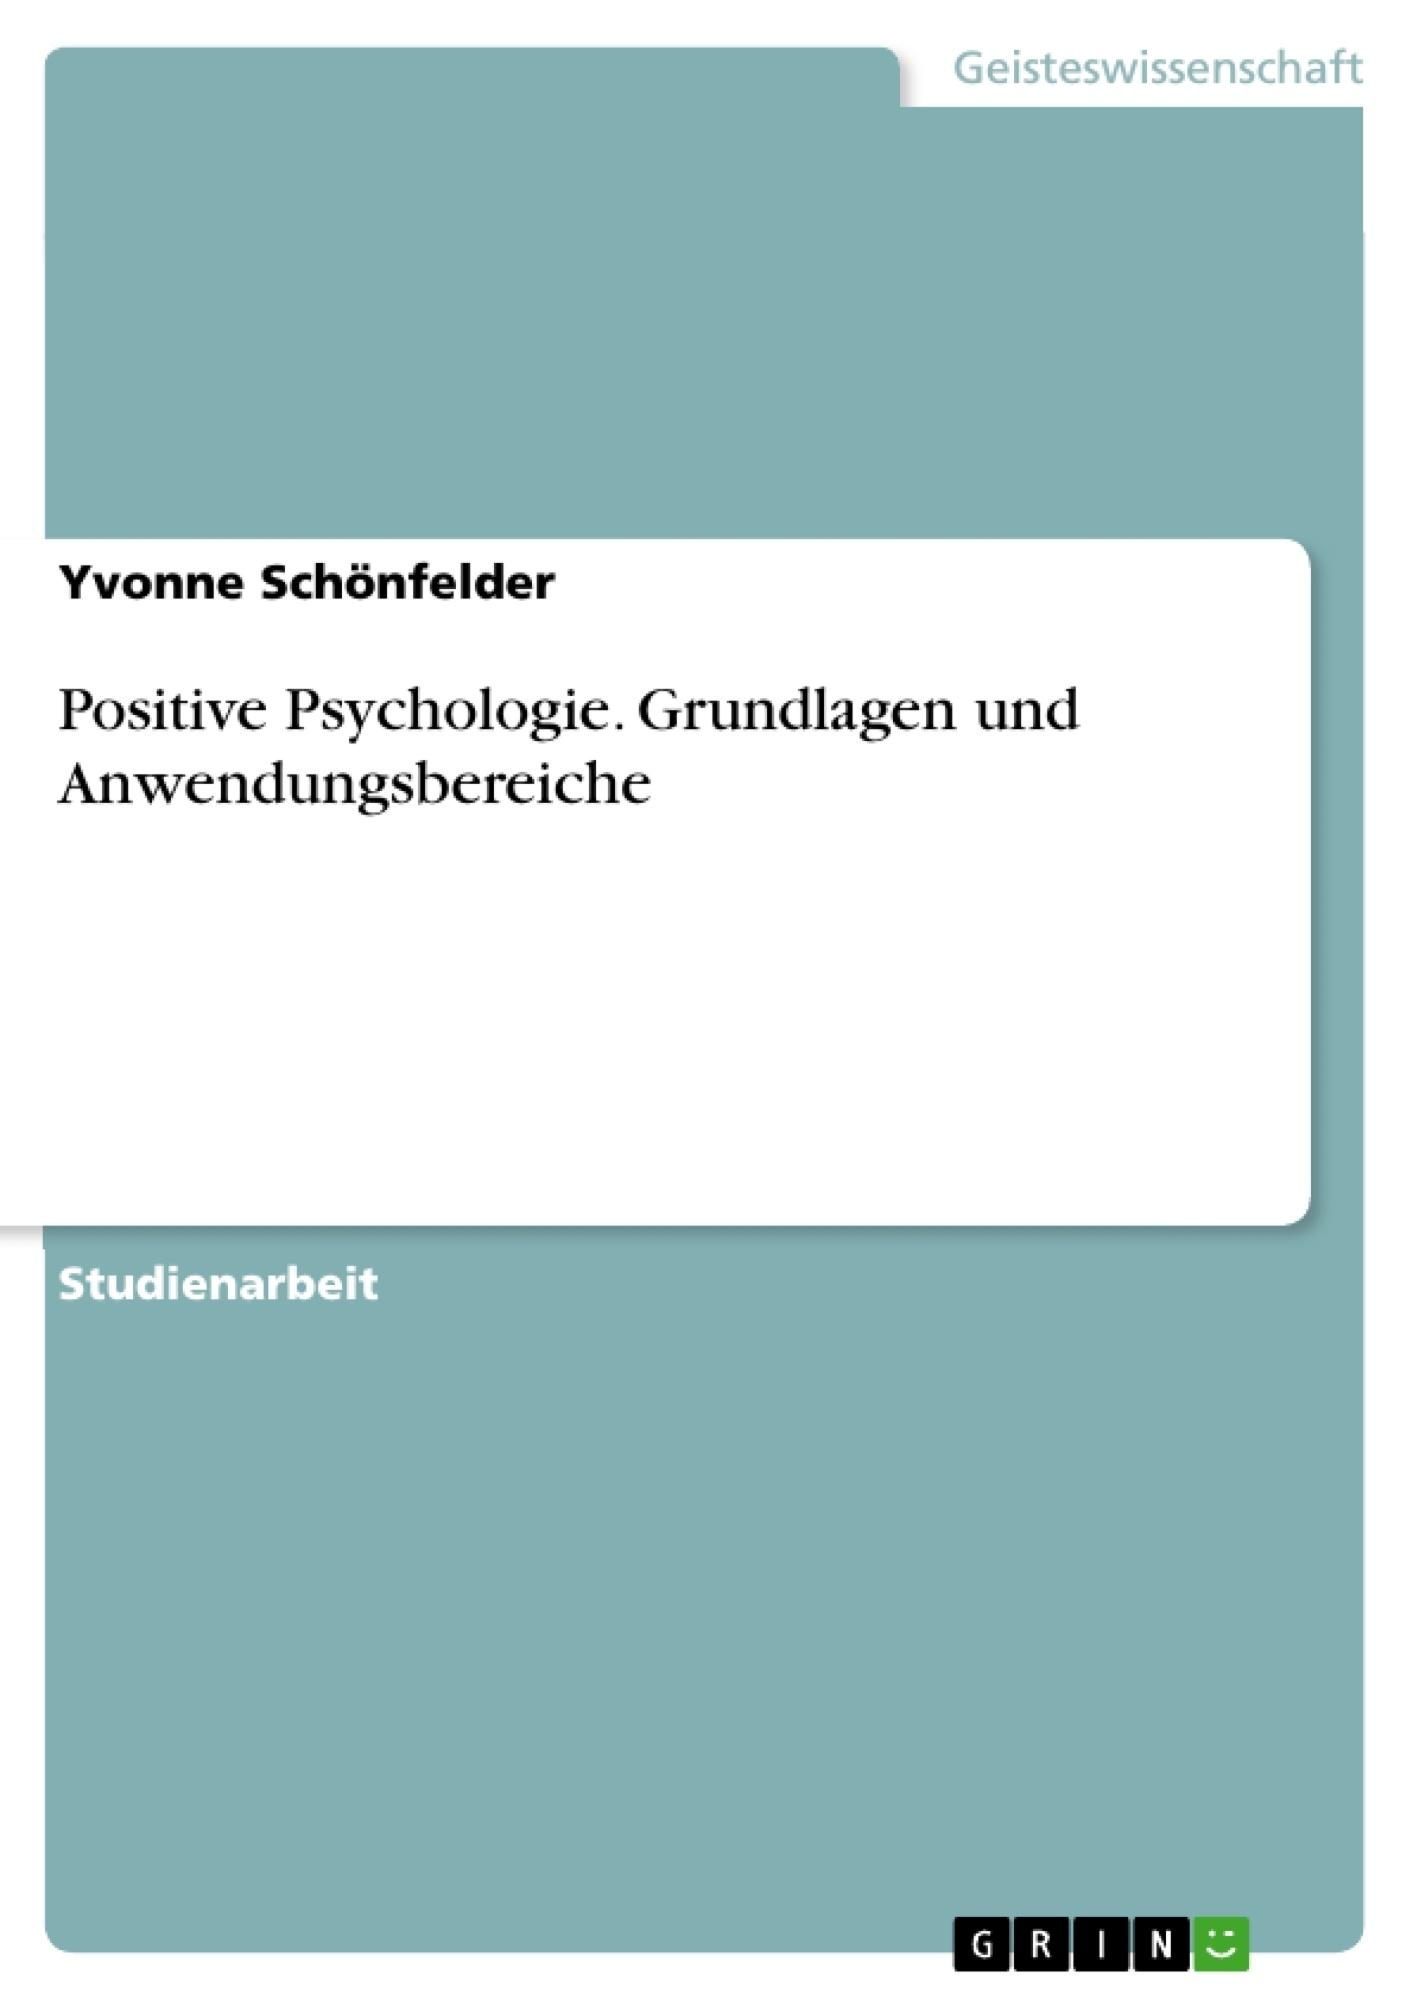 Titel: Positive Psychologie. Grundlagen und Anwendungsbereiche